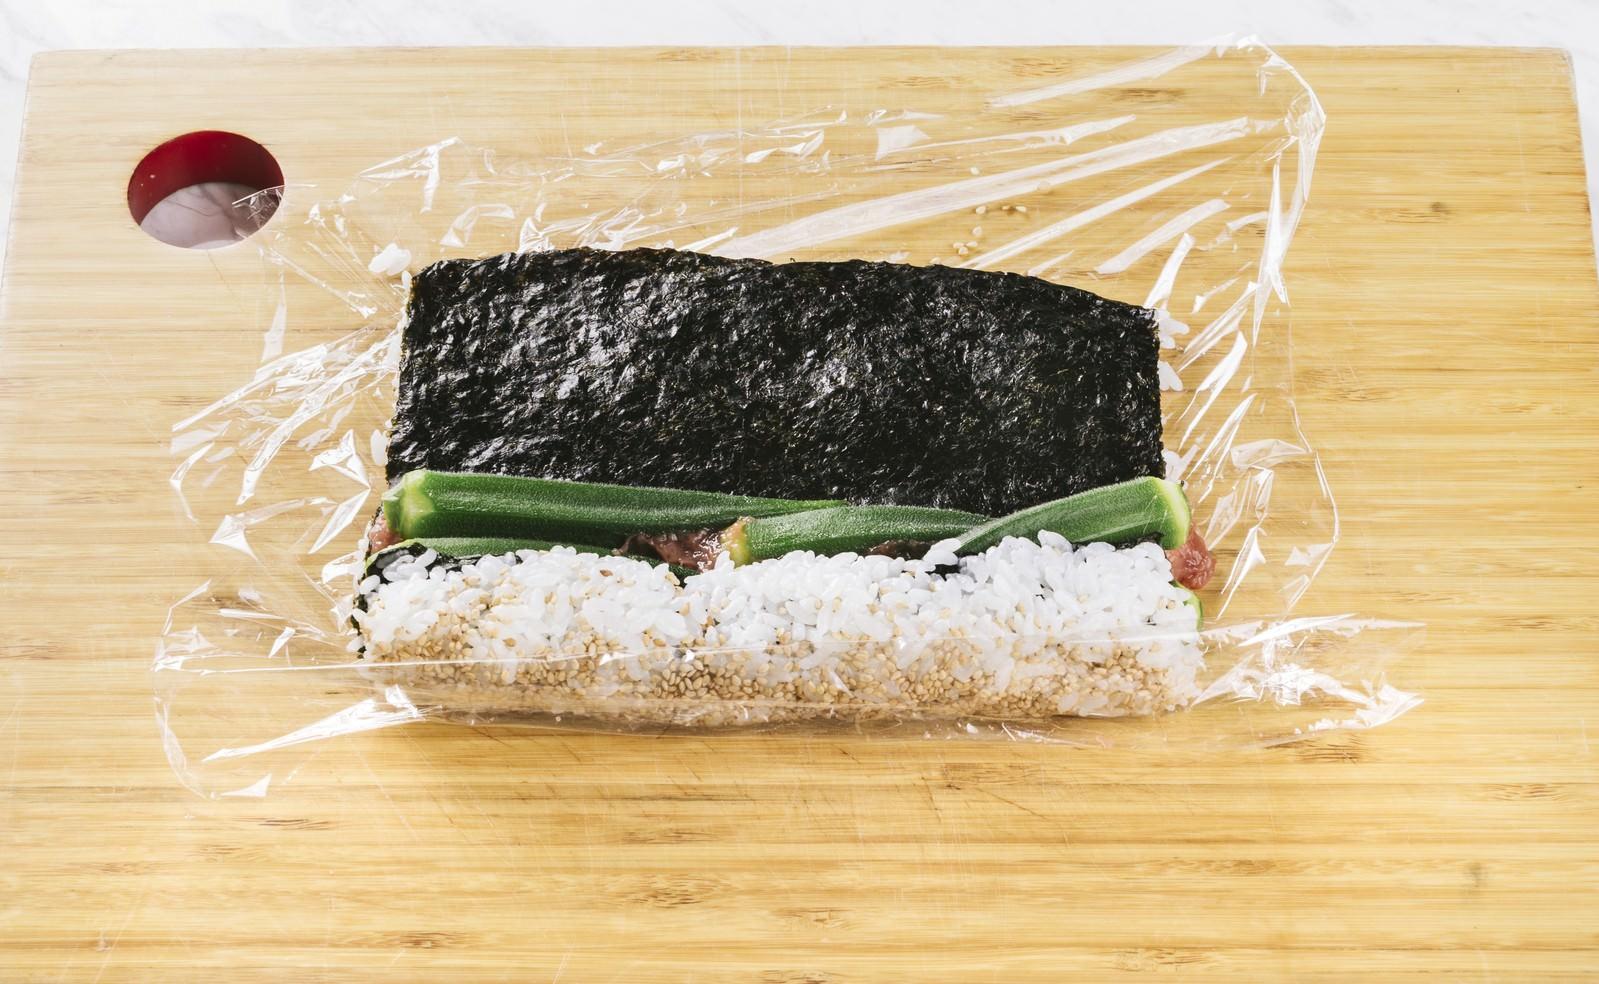 「オクラの裏巻き寿司を作る」の写真